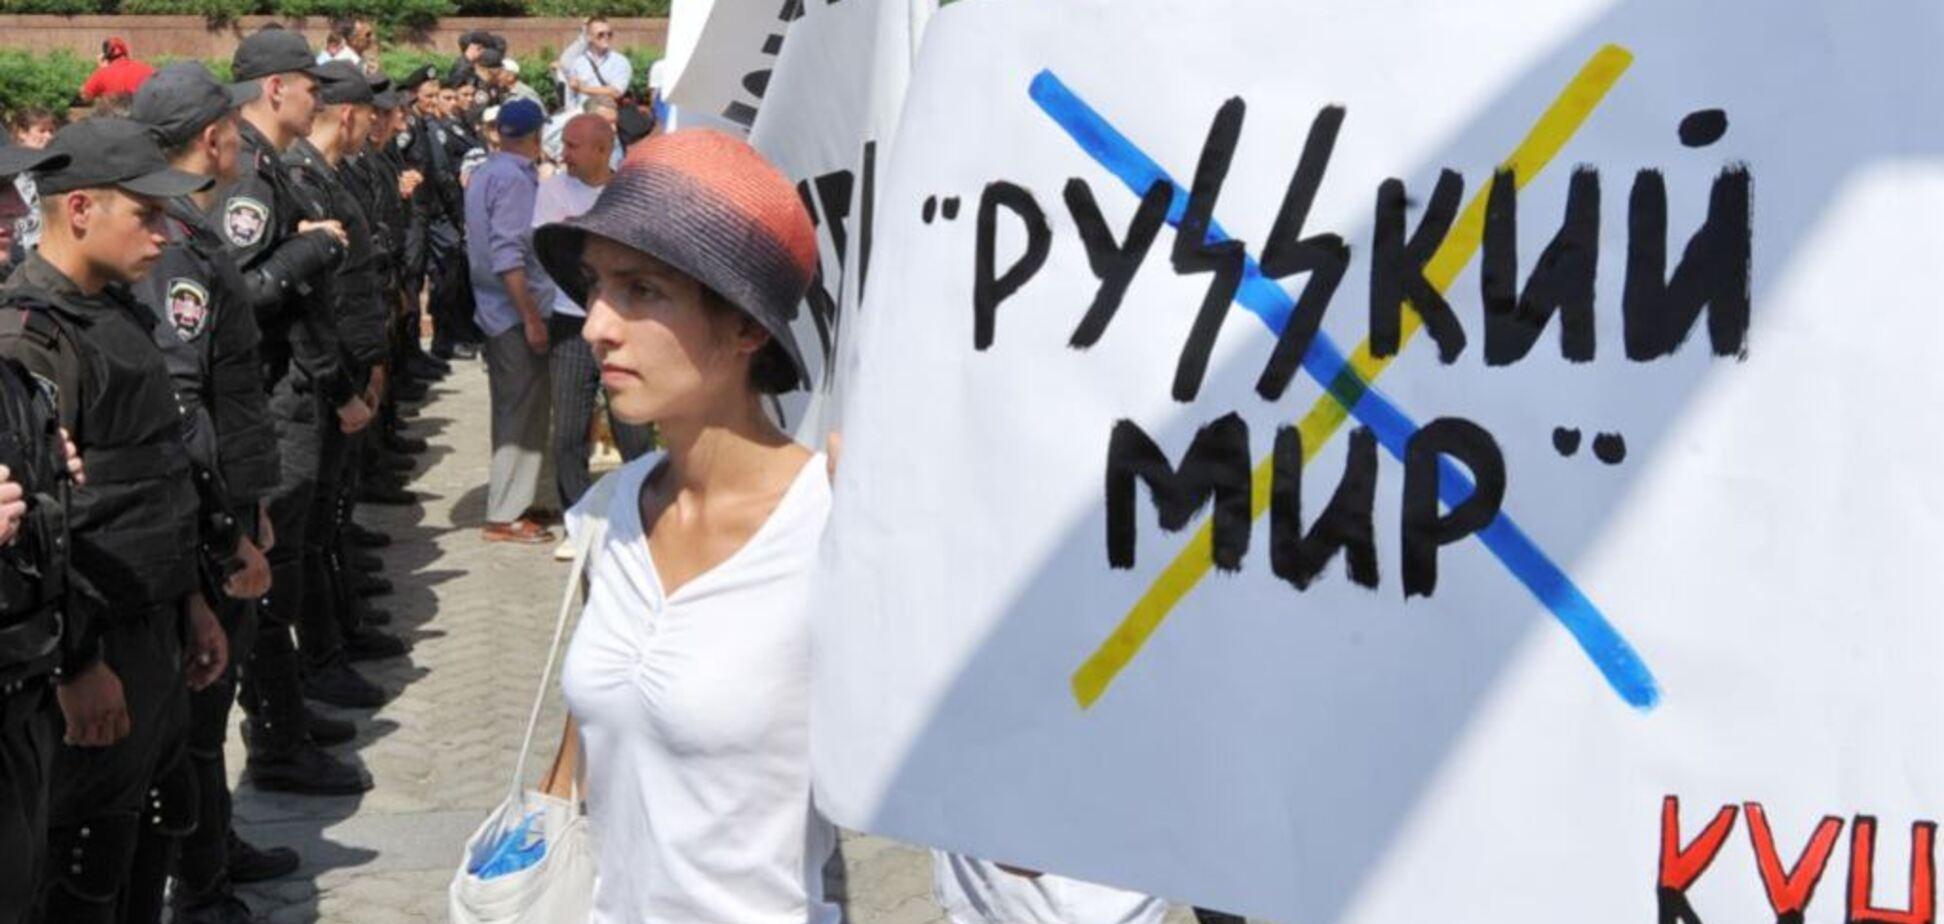 'Они – дети совка': известный волонтер раскритиковала симпатиков 'русского мира'